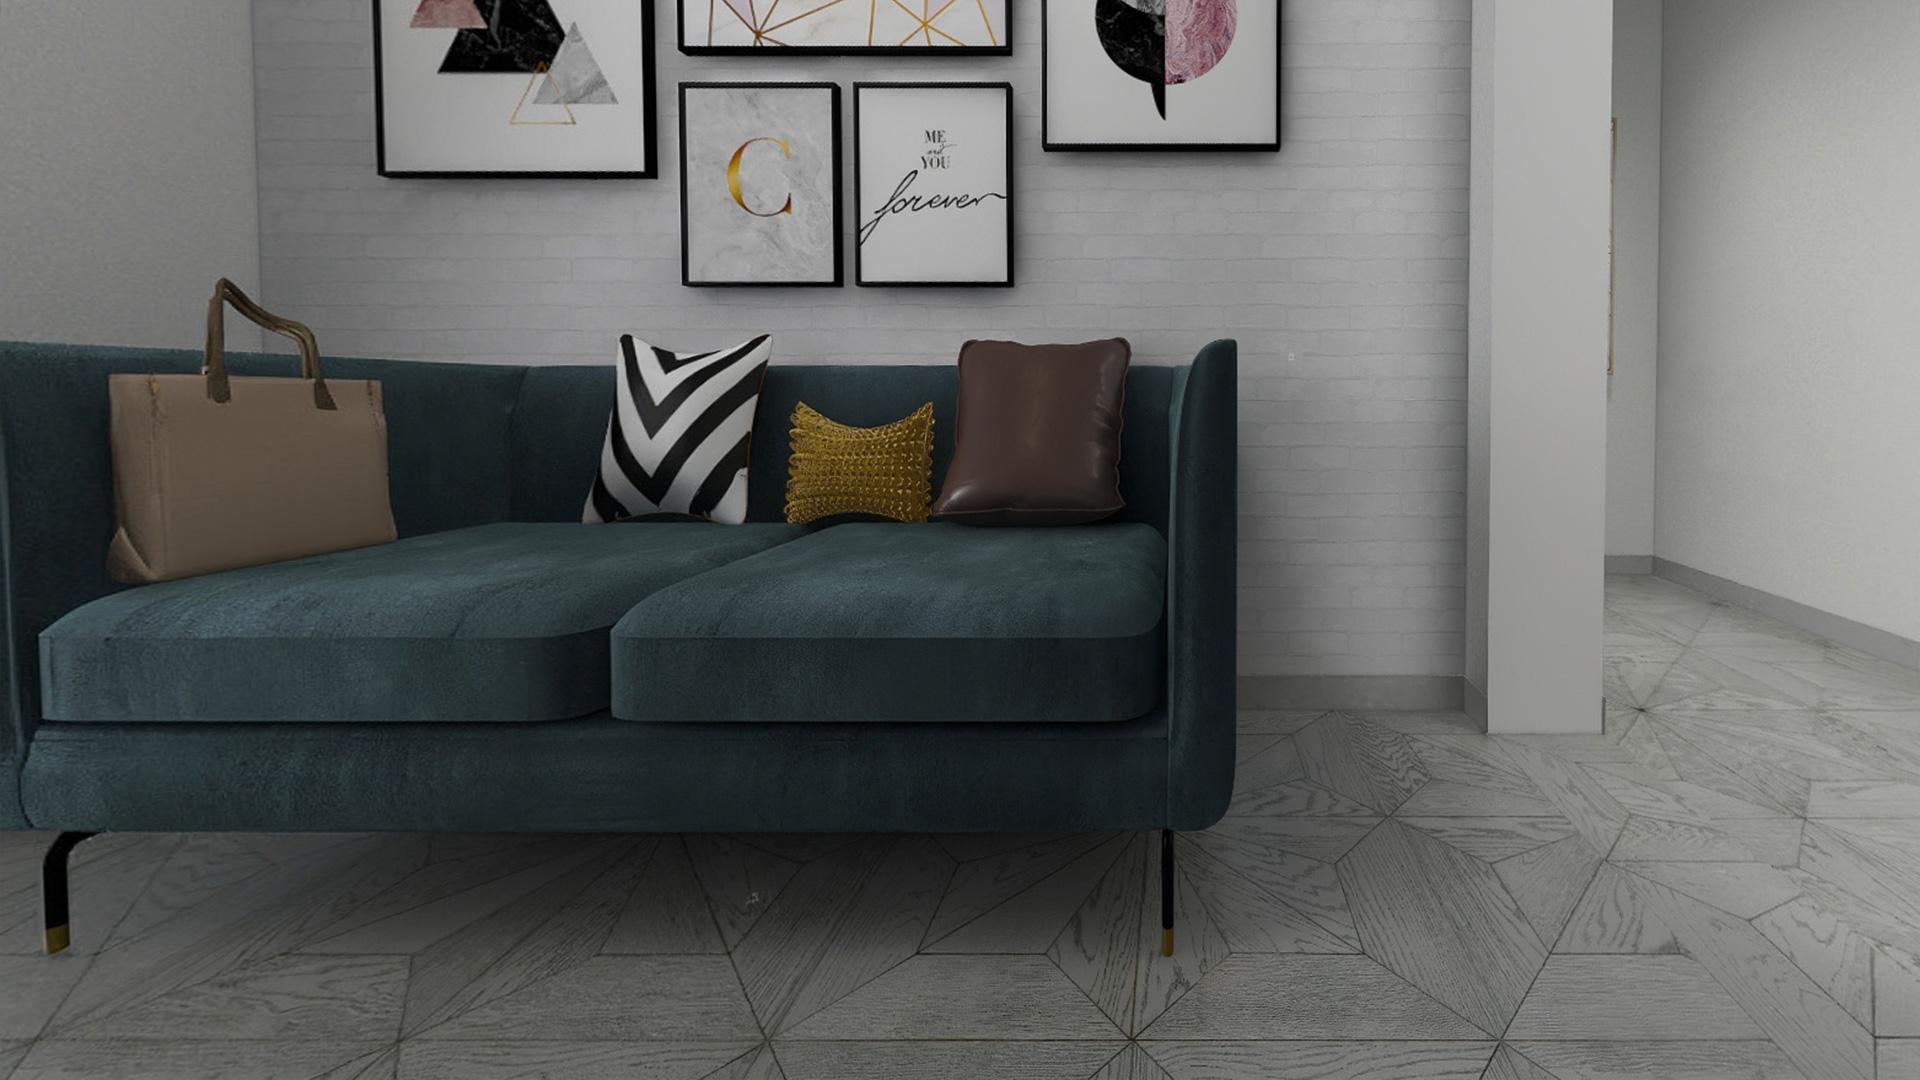 意大利GARBELOTTO实木复合地板,白金色罗马方拼